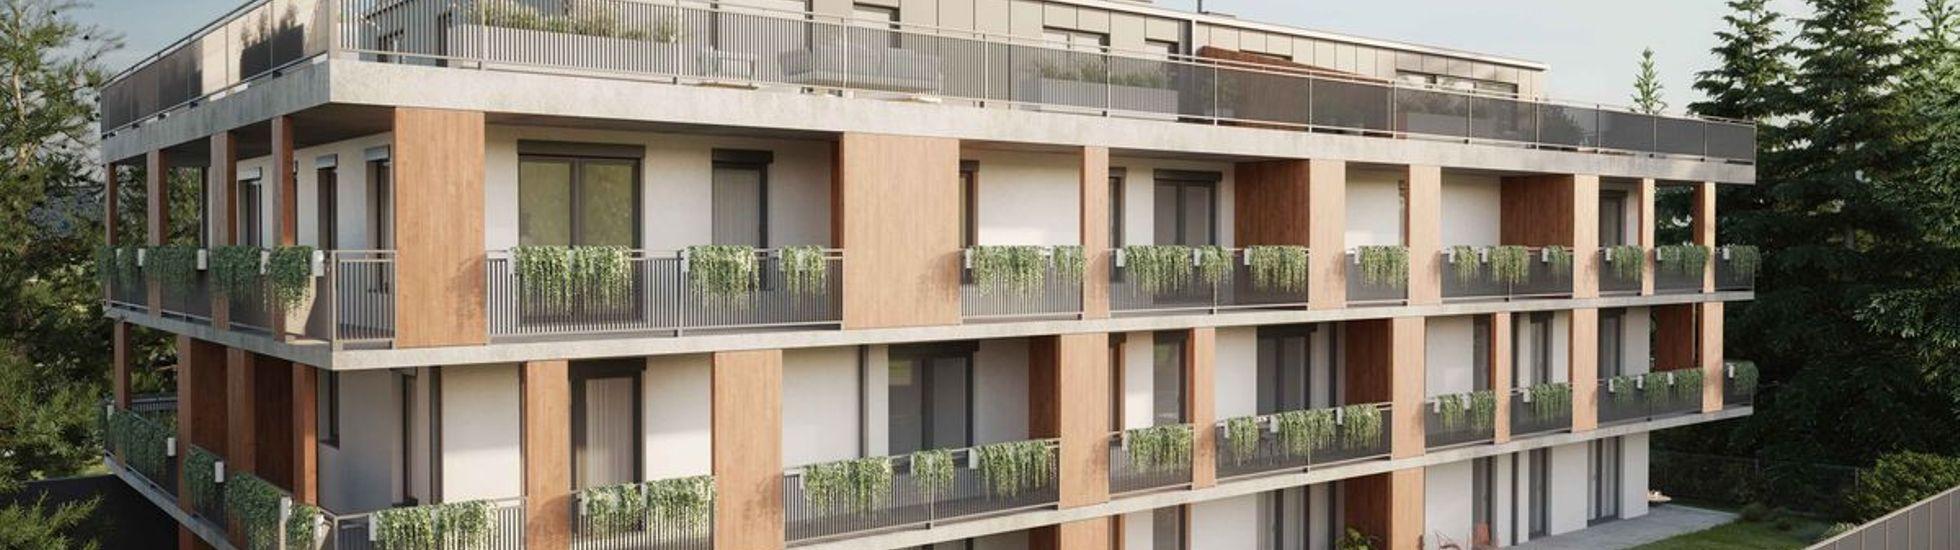 Wrocław: Willa Karłowice – Hot Invest zburzy dom i zbuduje kilkupiętrowy budynek nad Odrą